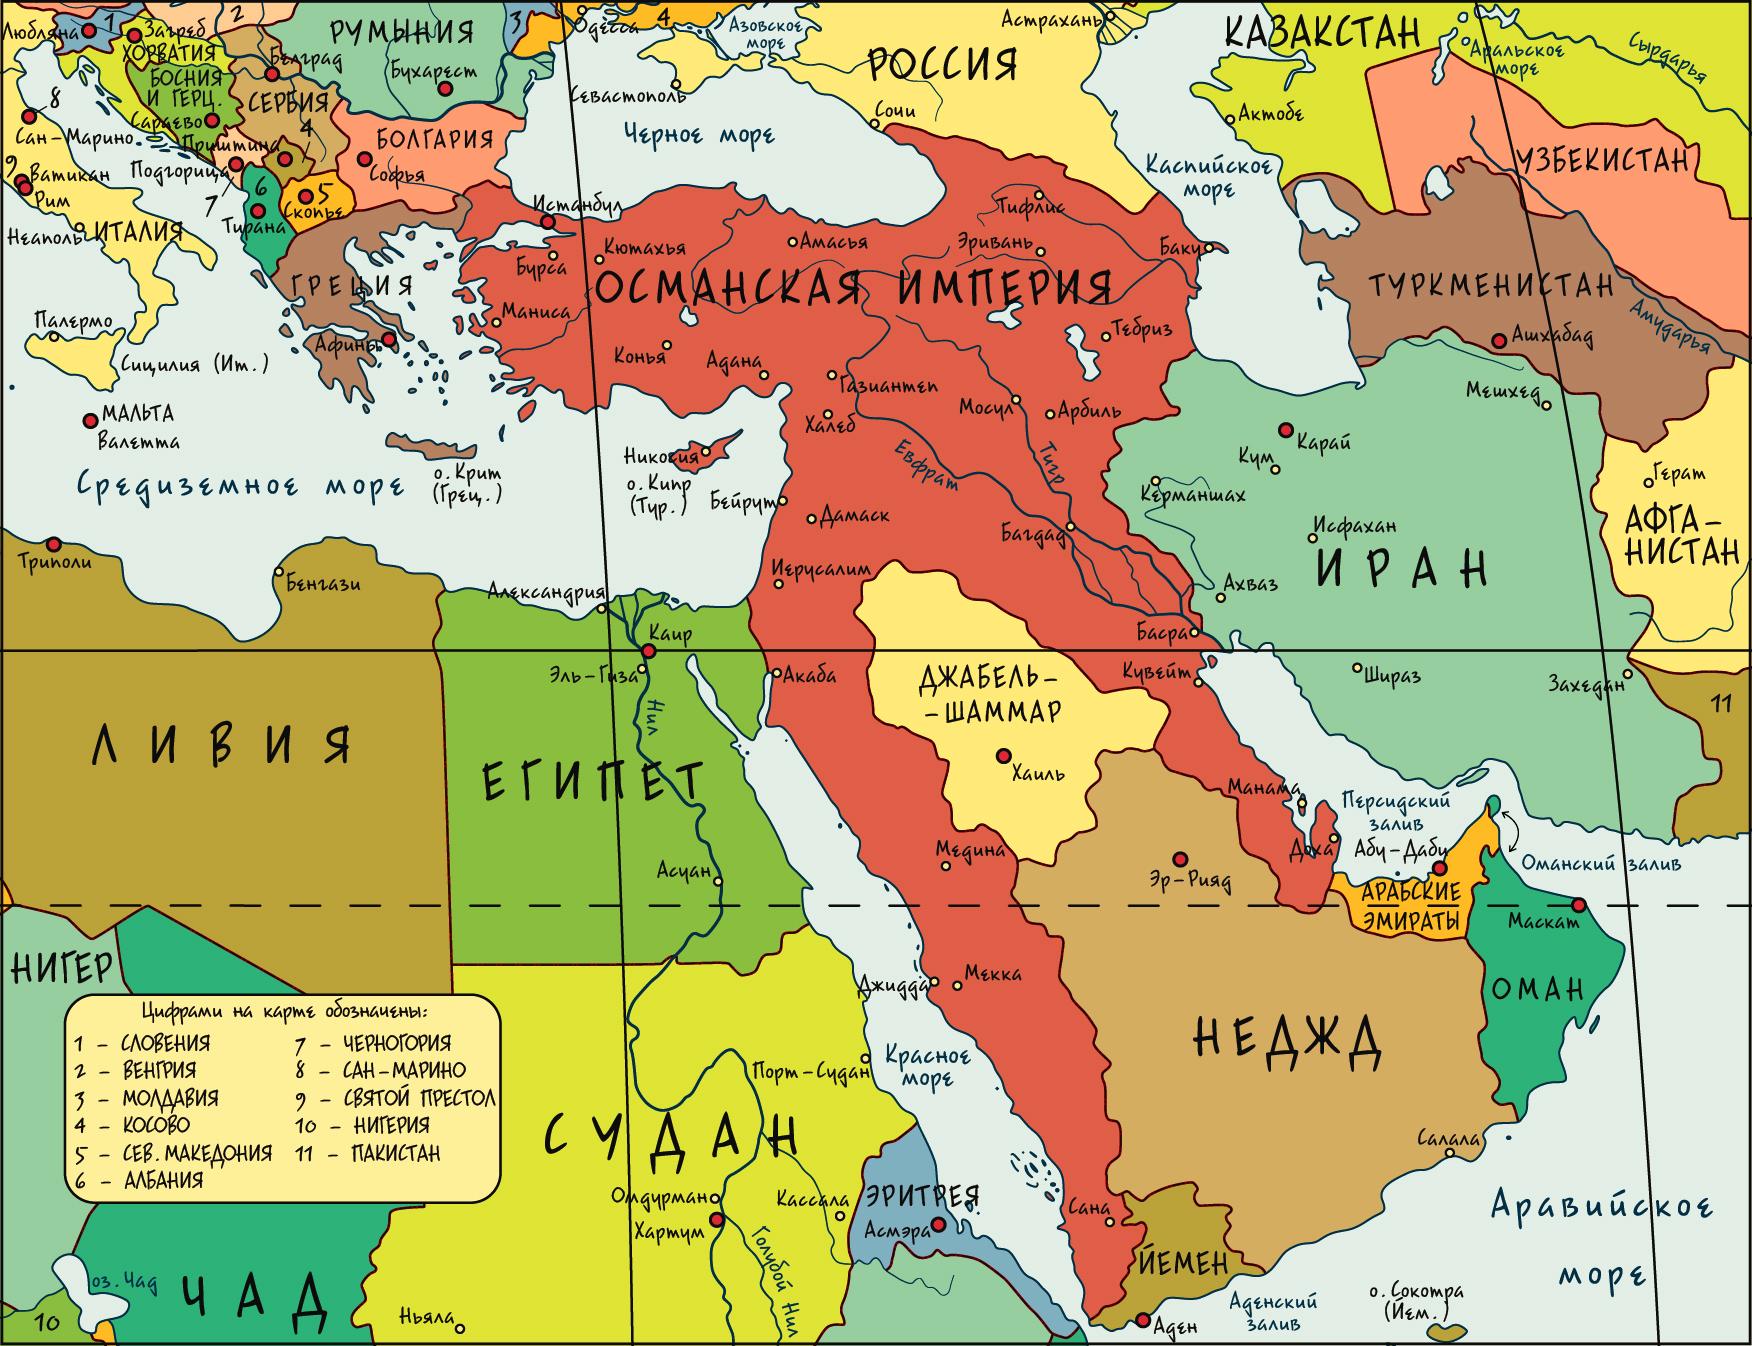 видом деятельности османская империя на карте мира фото оно стало, когда